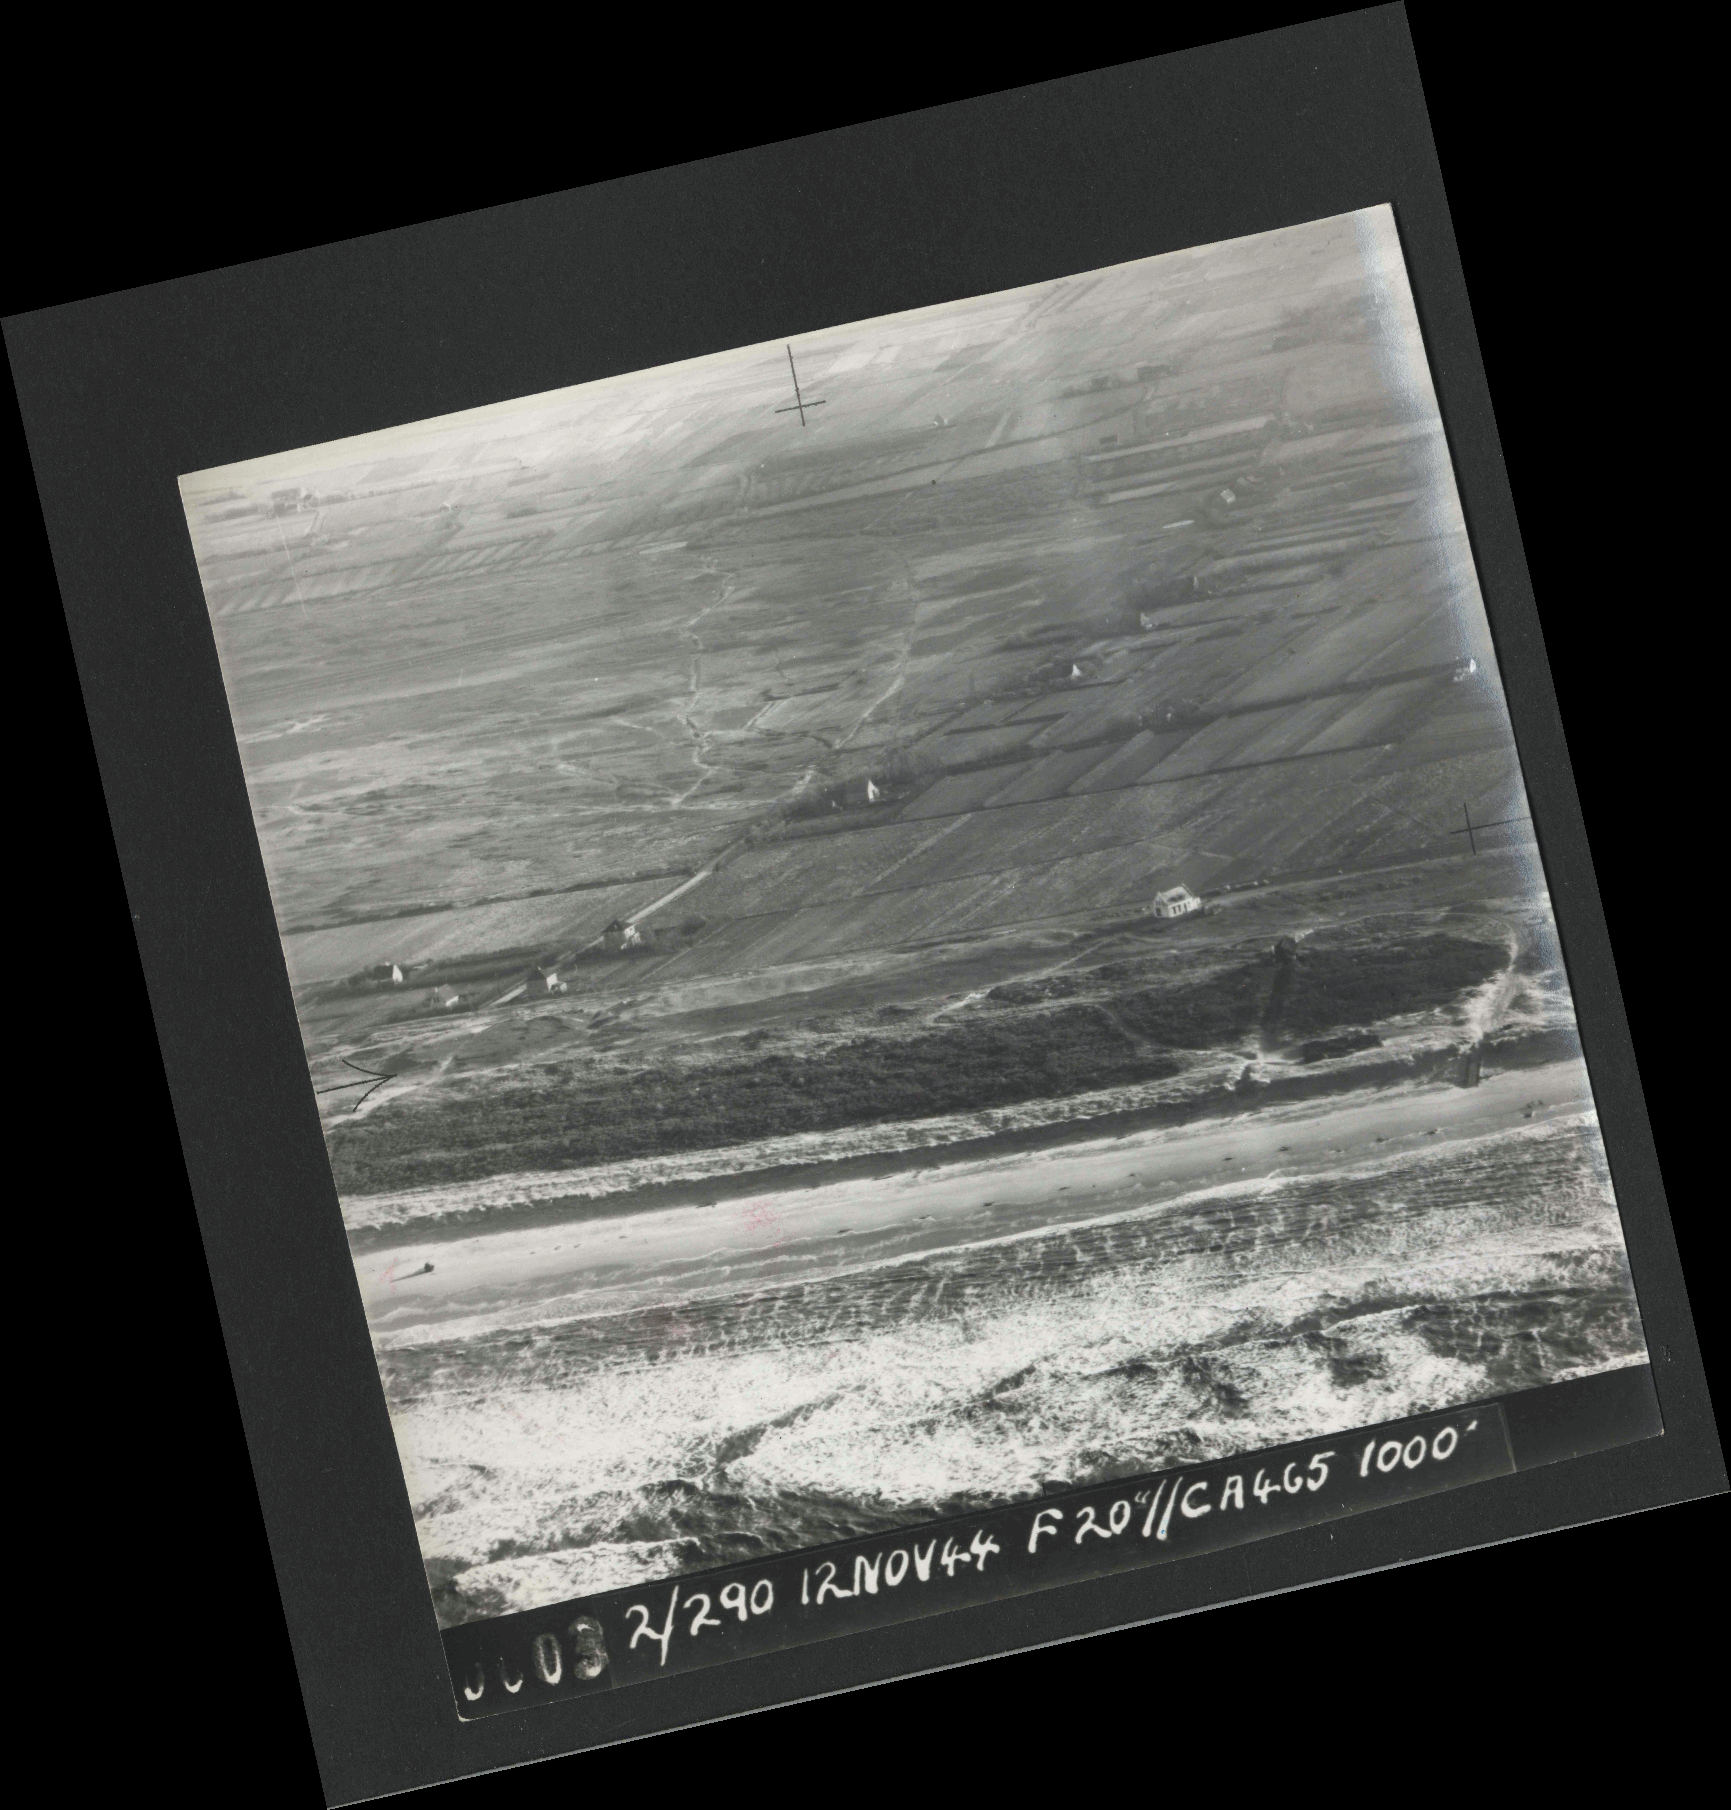 Collection RAF aerial photos 1940-1945 - flight 554, run 01, photo 0003